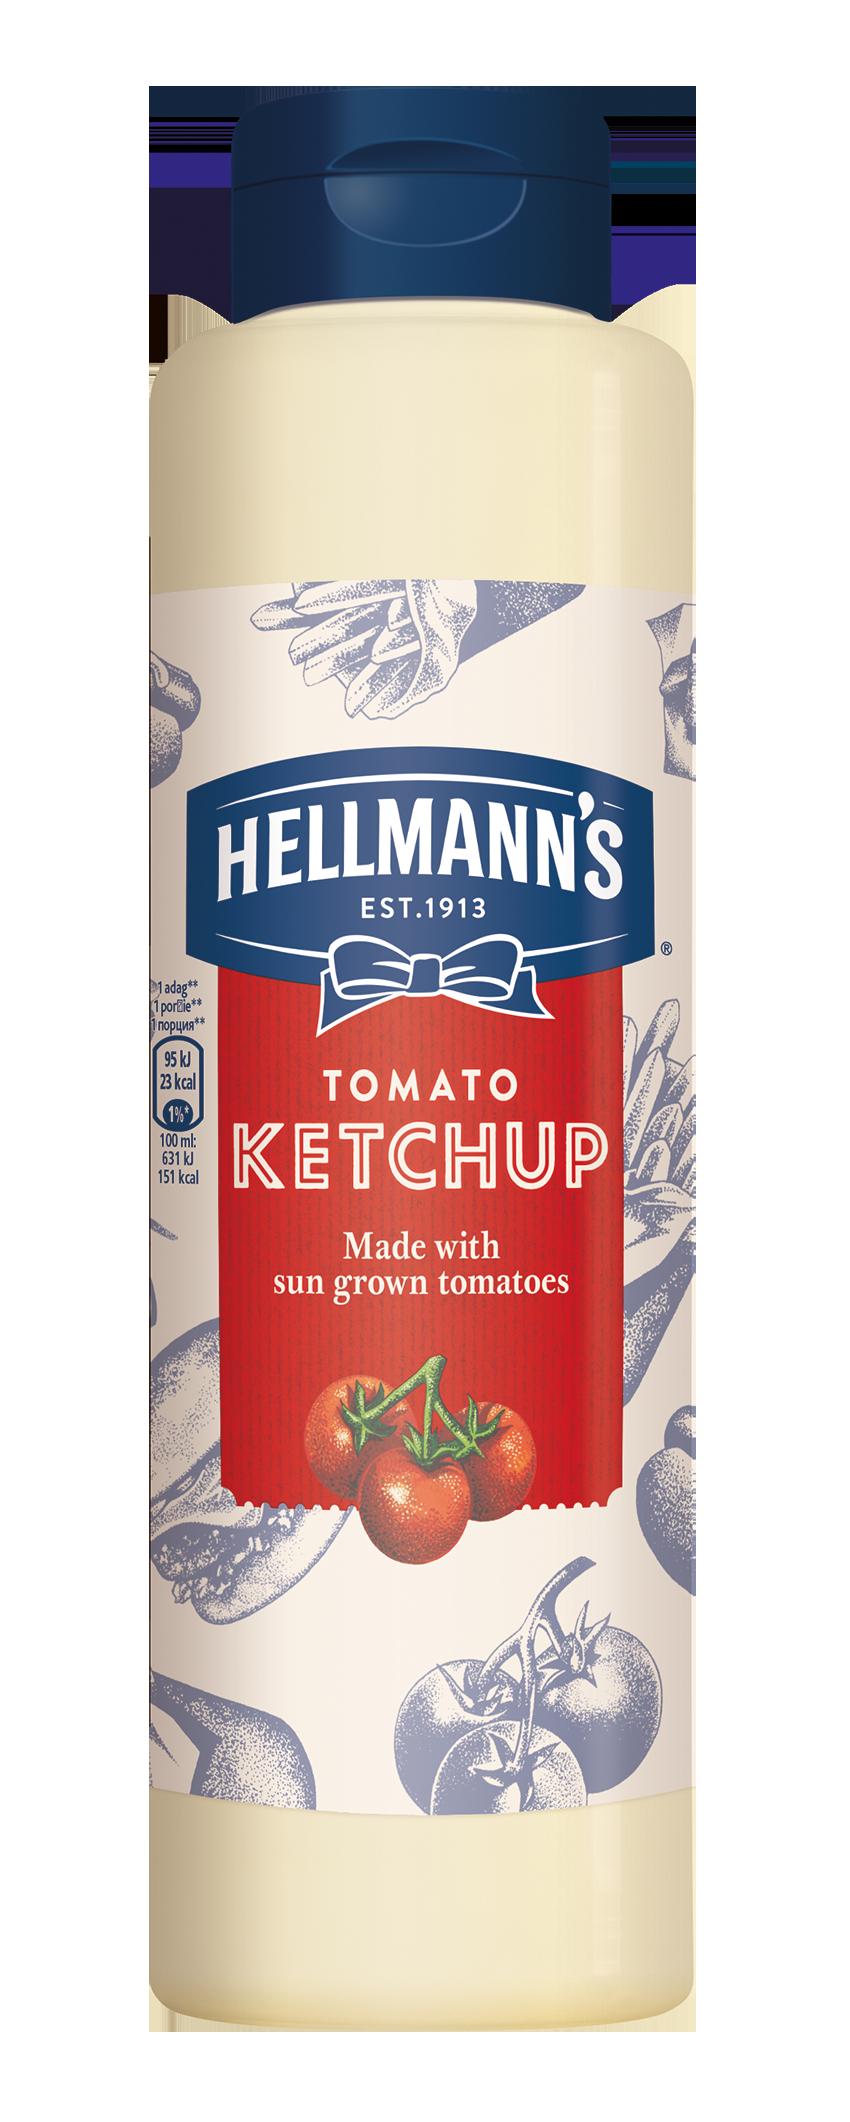 Hellmann's Ketchup 856 ml